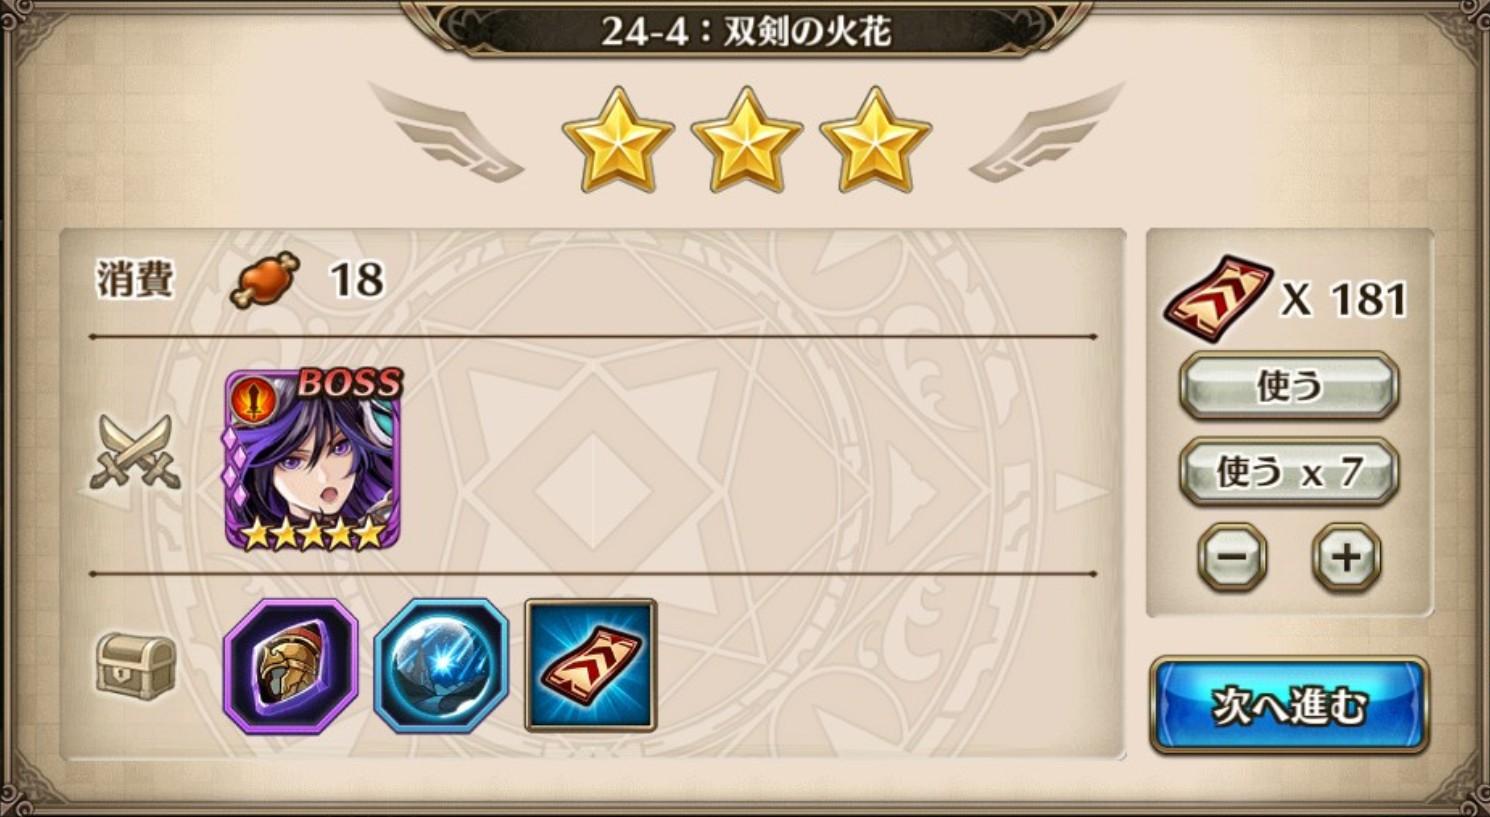 24-4 双剣の火花